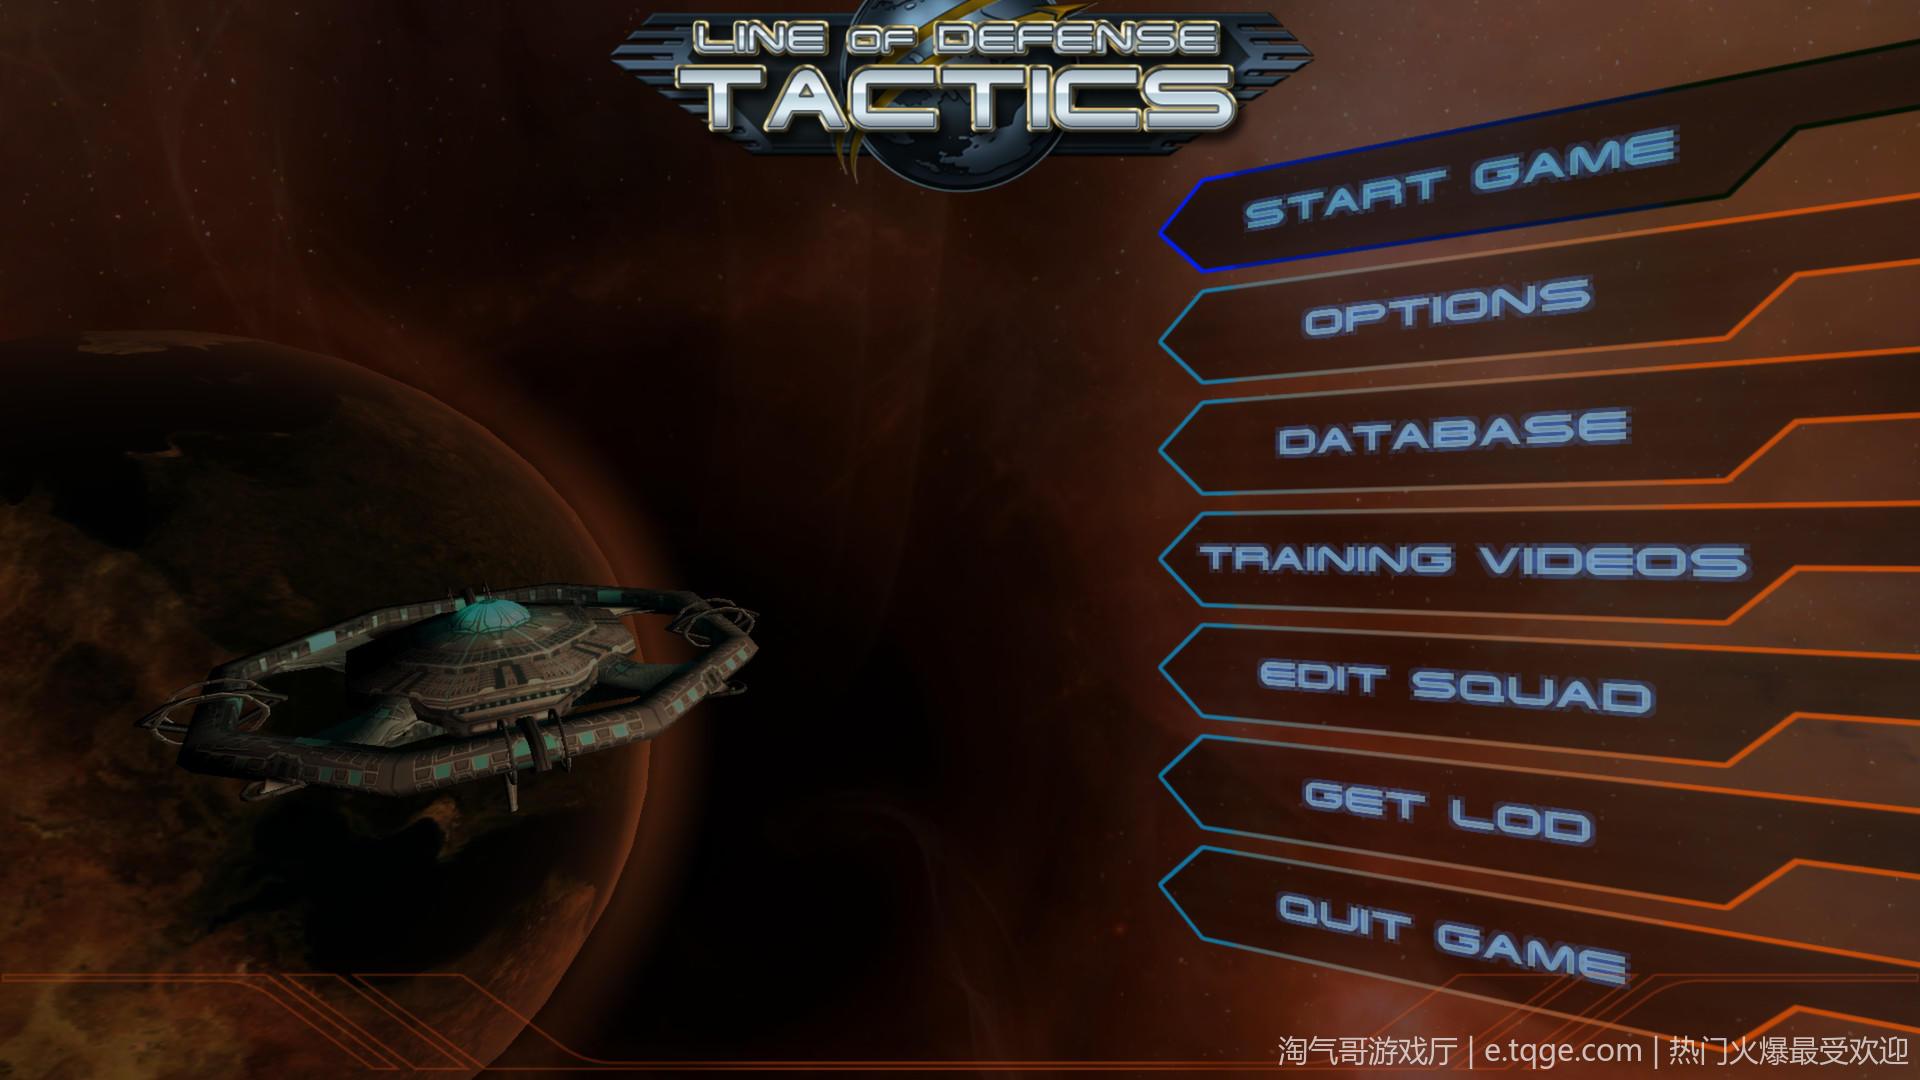 防守战术/Line Of Defense Tactics 即时战略 第2张